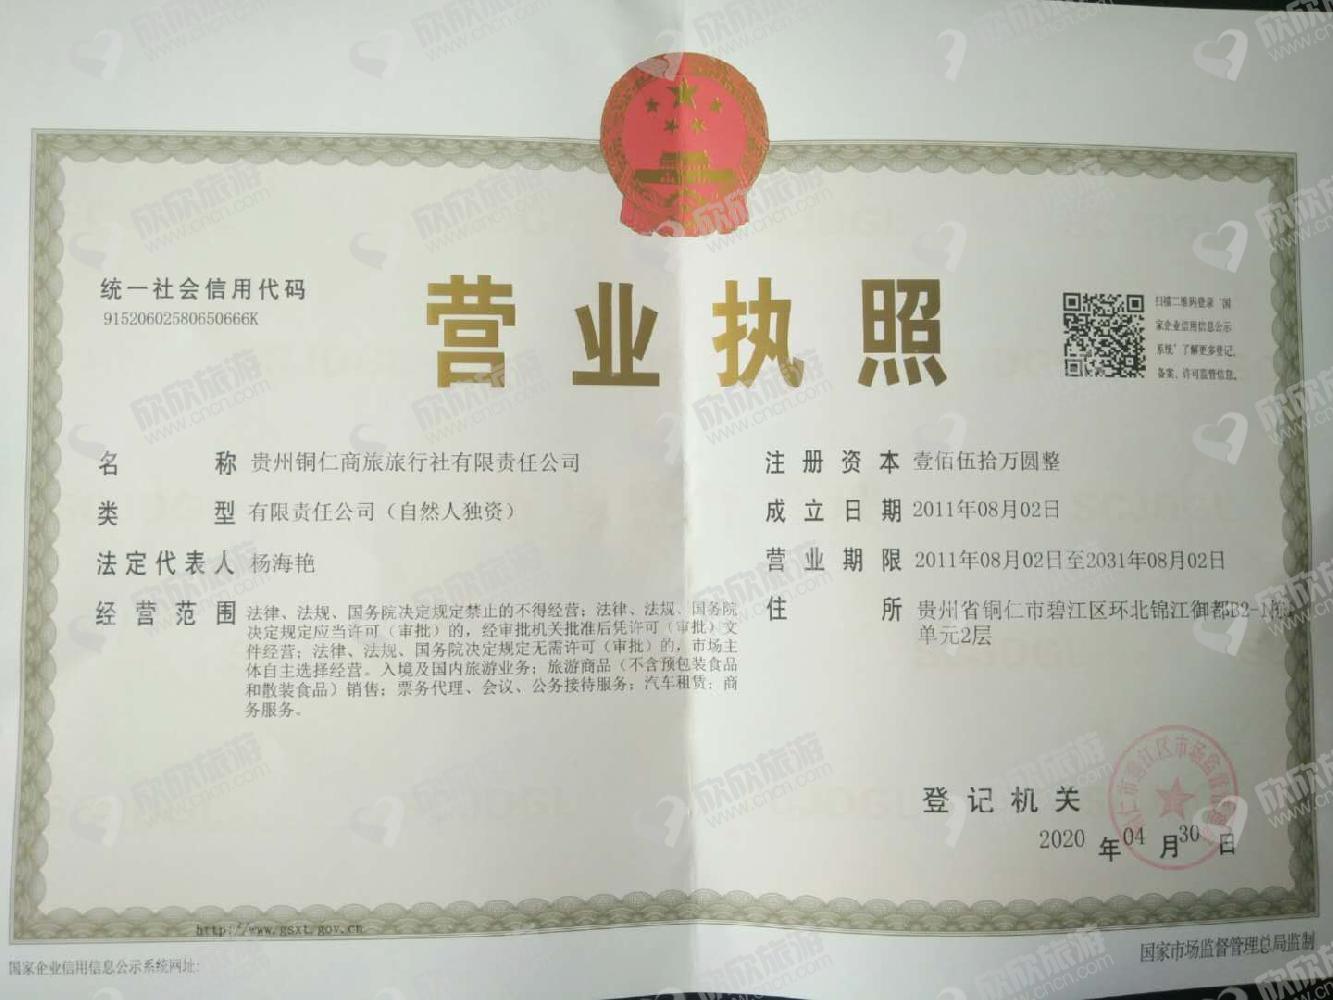 贵州铜仁商旅旅行社有限责任公司营业执照